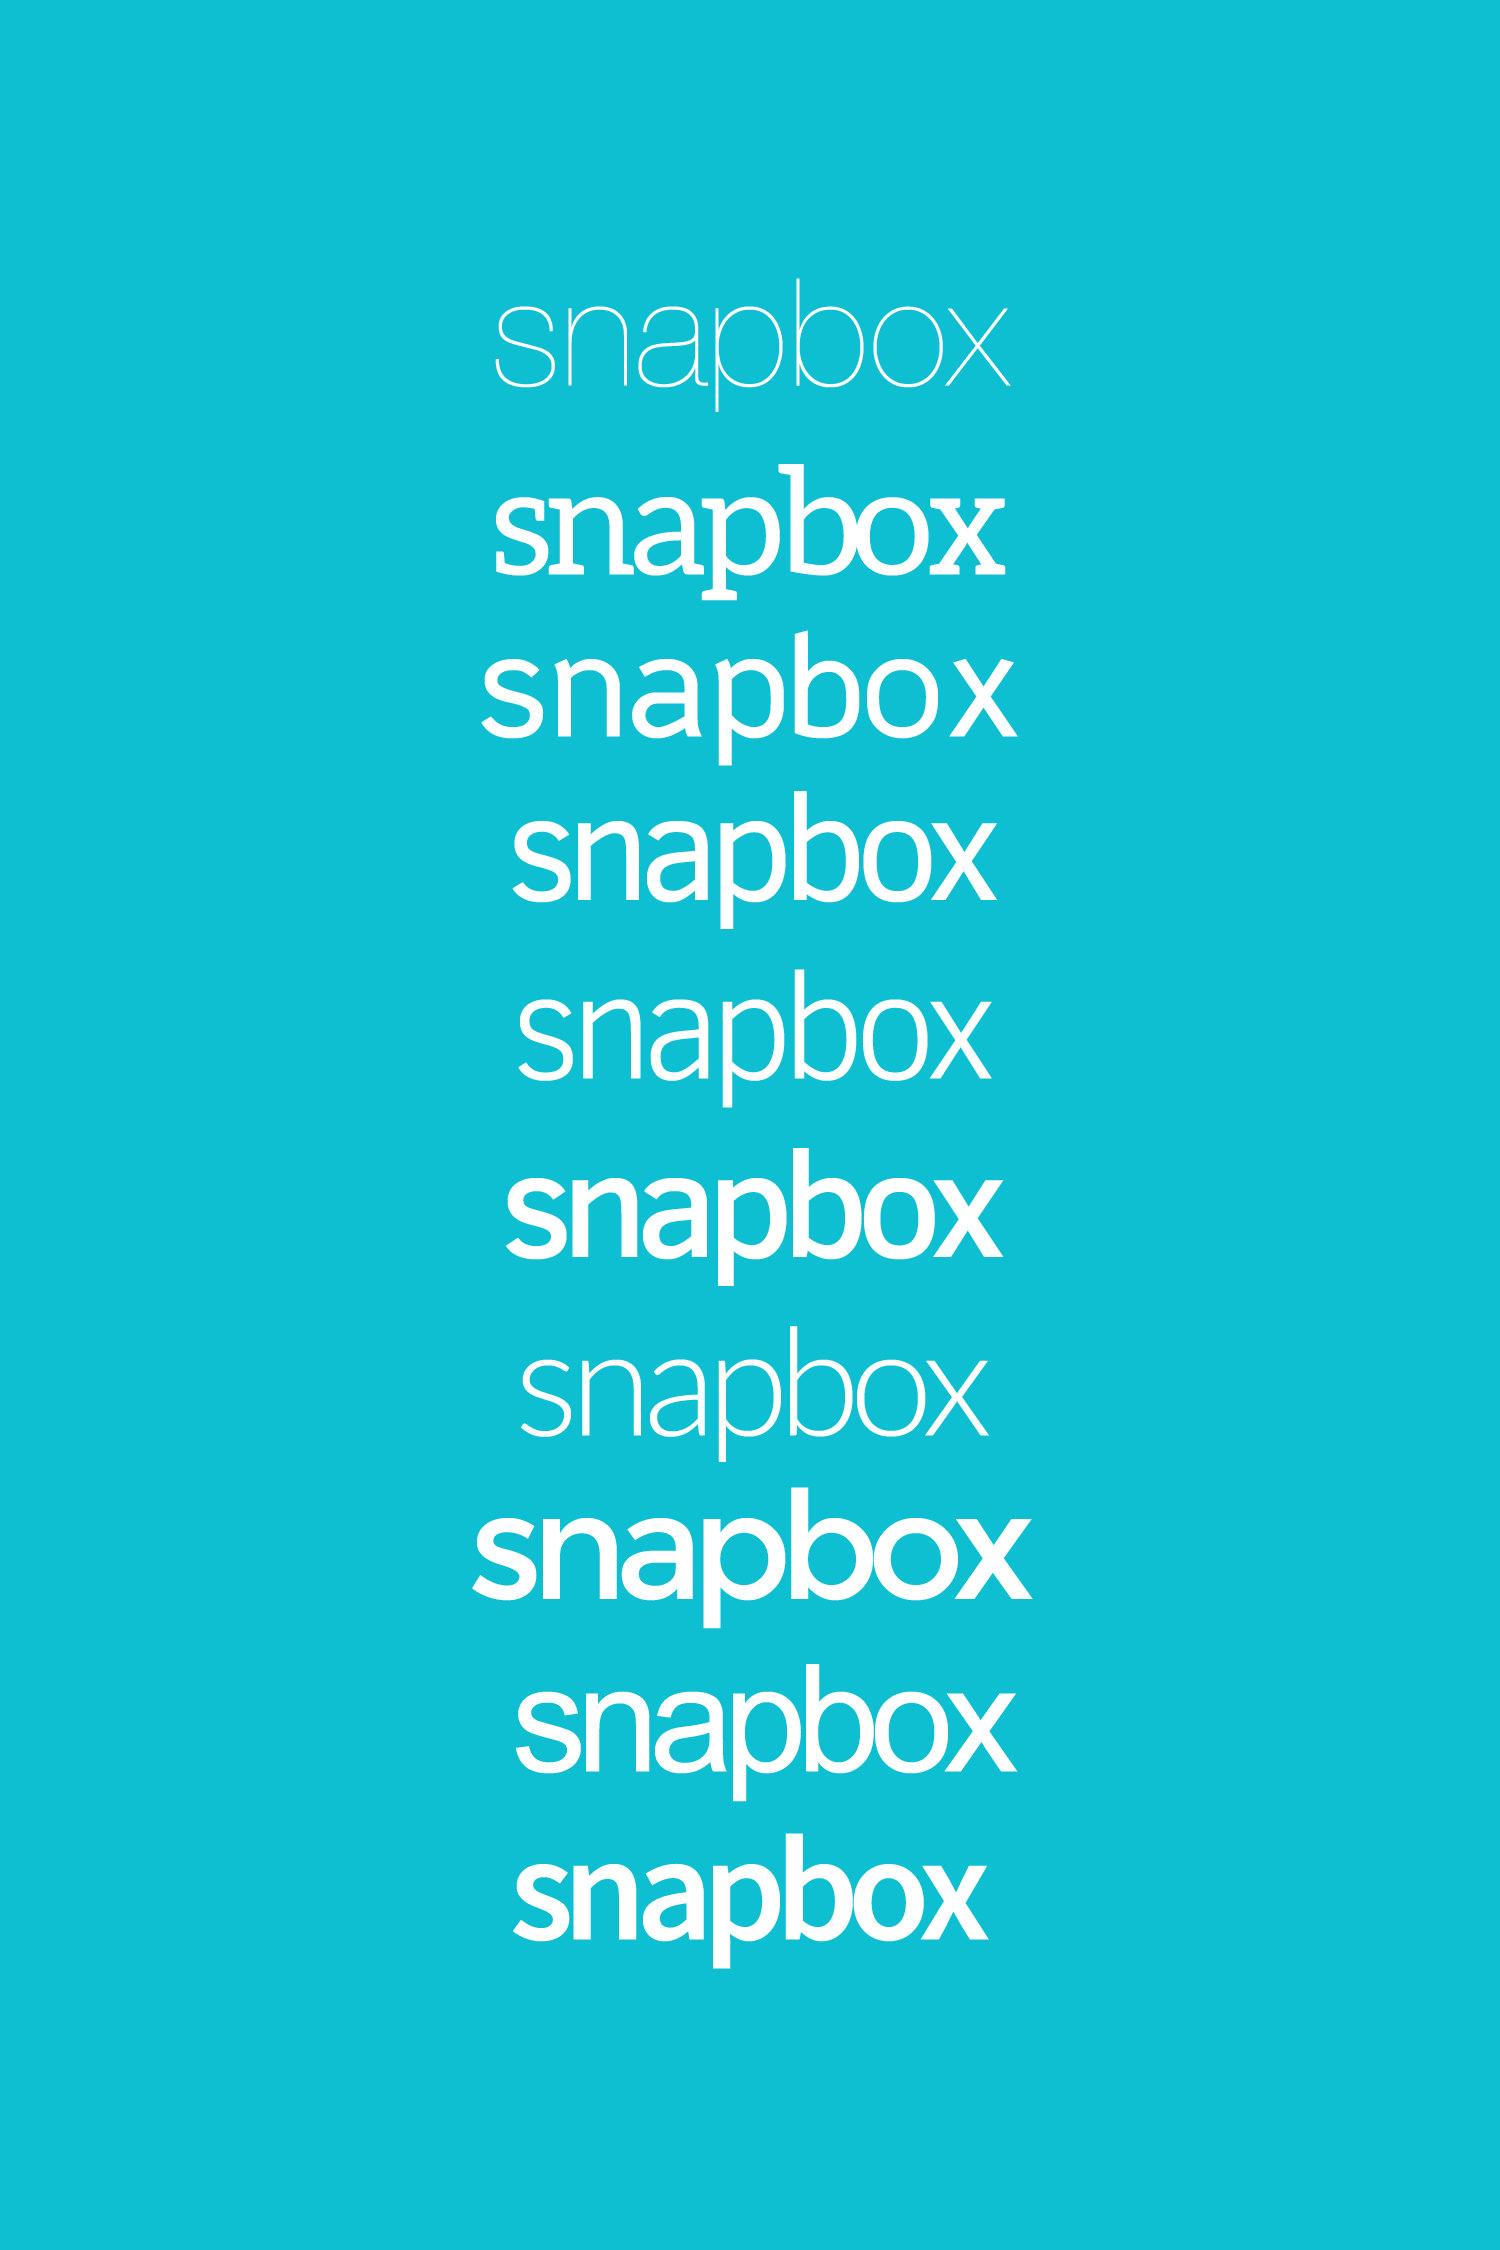 SnapBox Logo